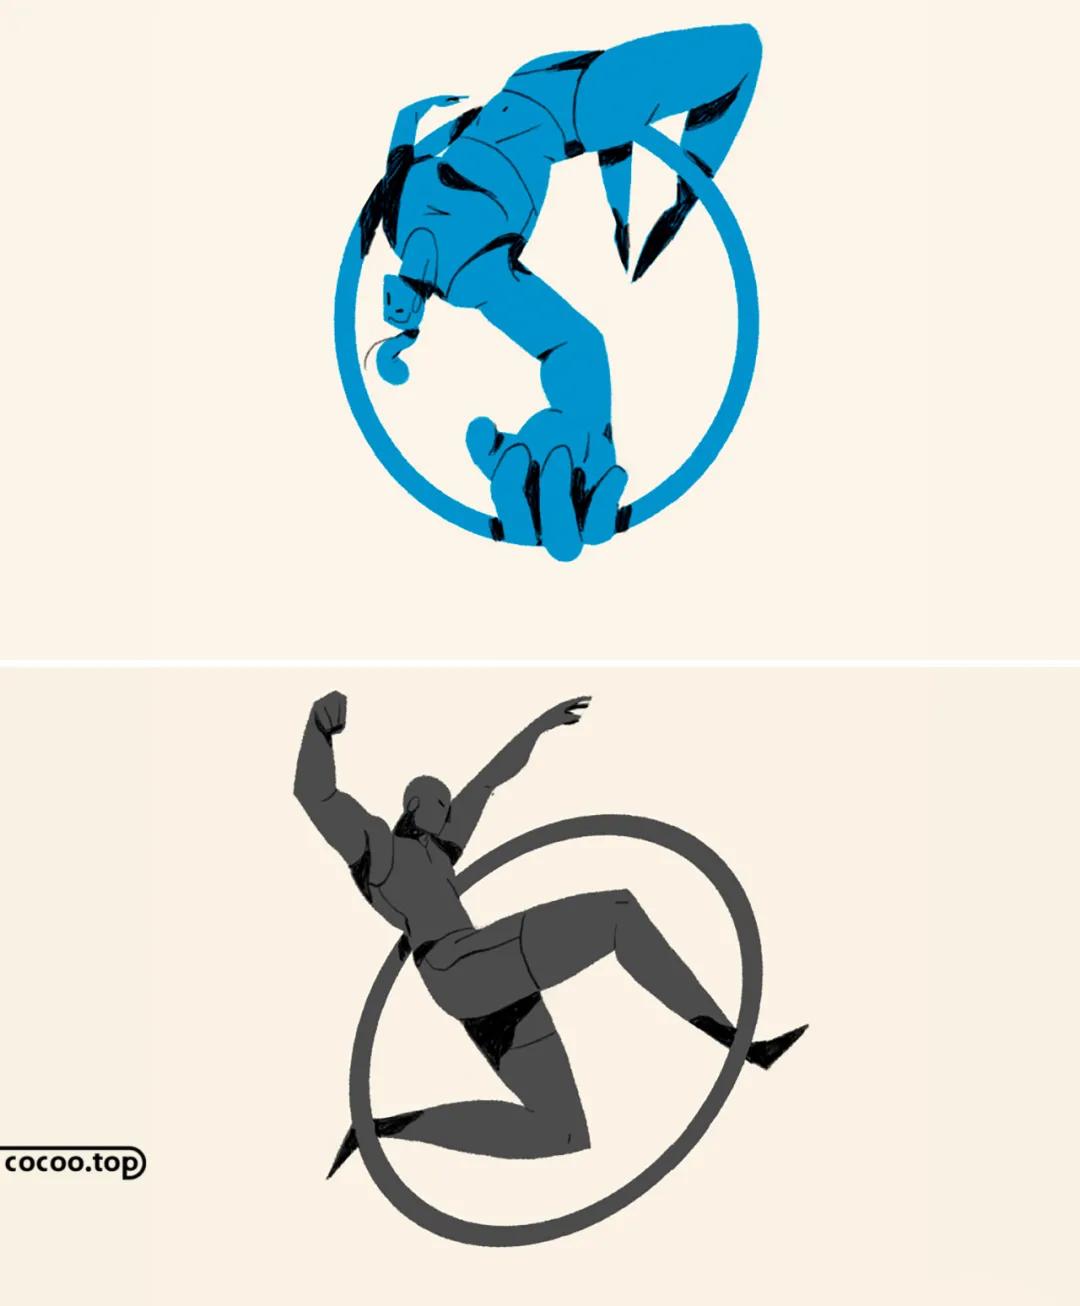 海报设计构成要素与基本过程